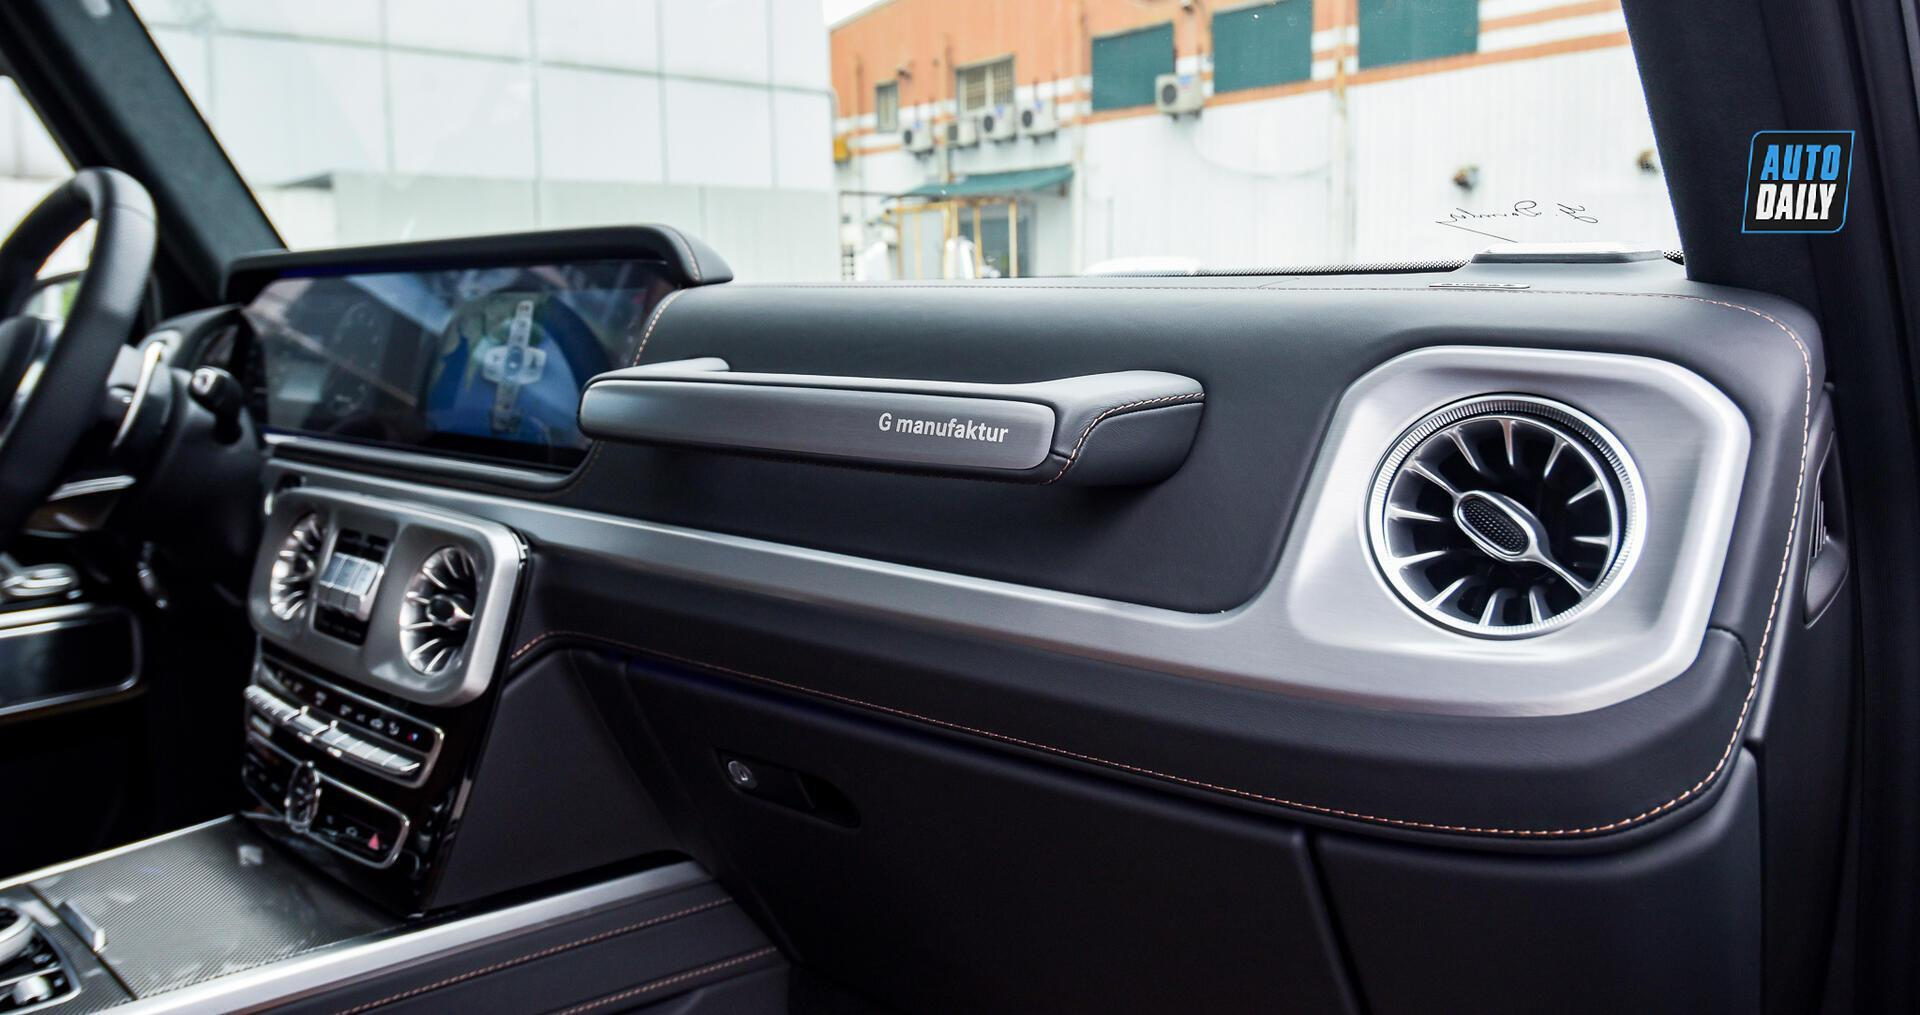 Ảnh chi tiết Mercedes G63 AMG 2021 bản cá nhân hoá giá khoảng 12 tỷ [15]